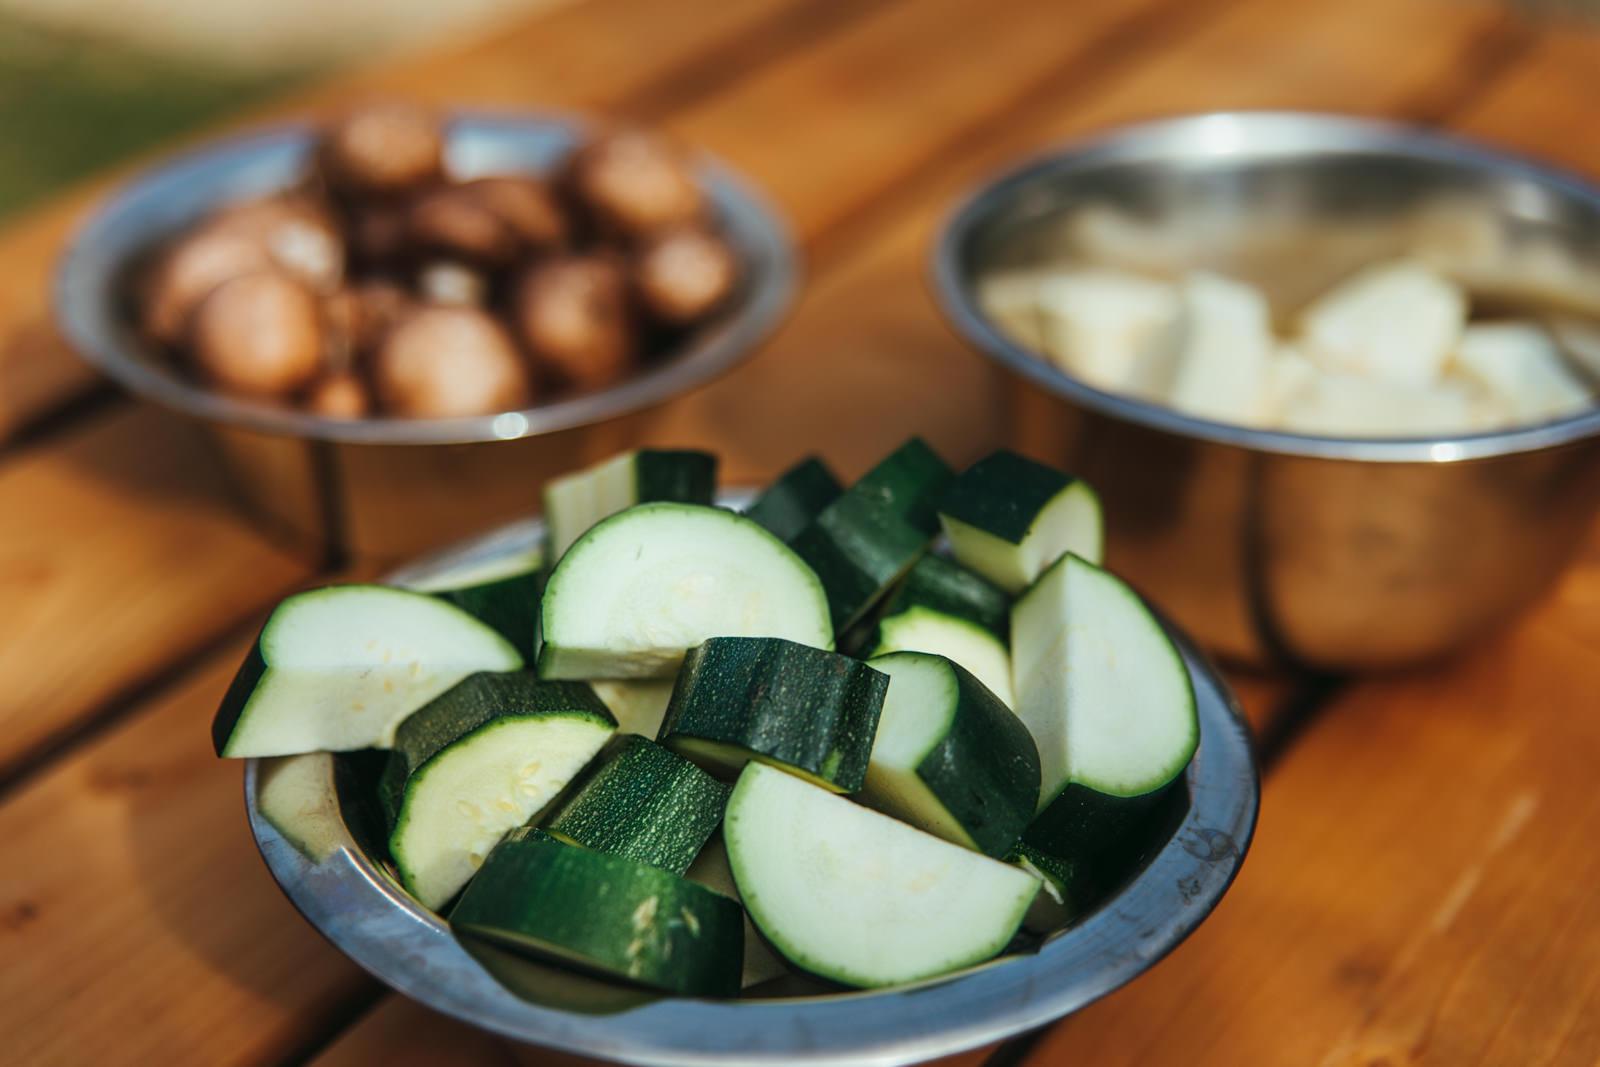 Schalen voll mit Zucchini, Champignons und Pastinake